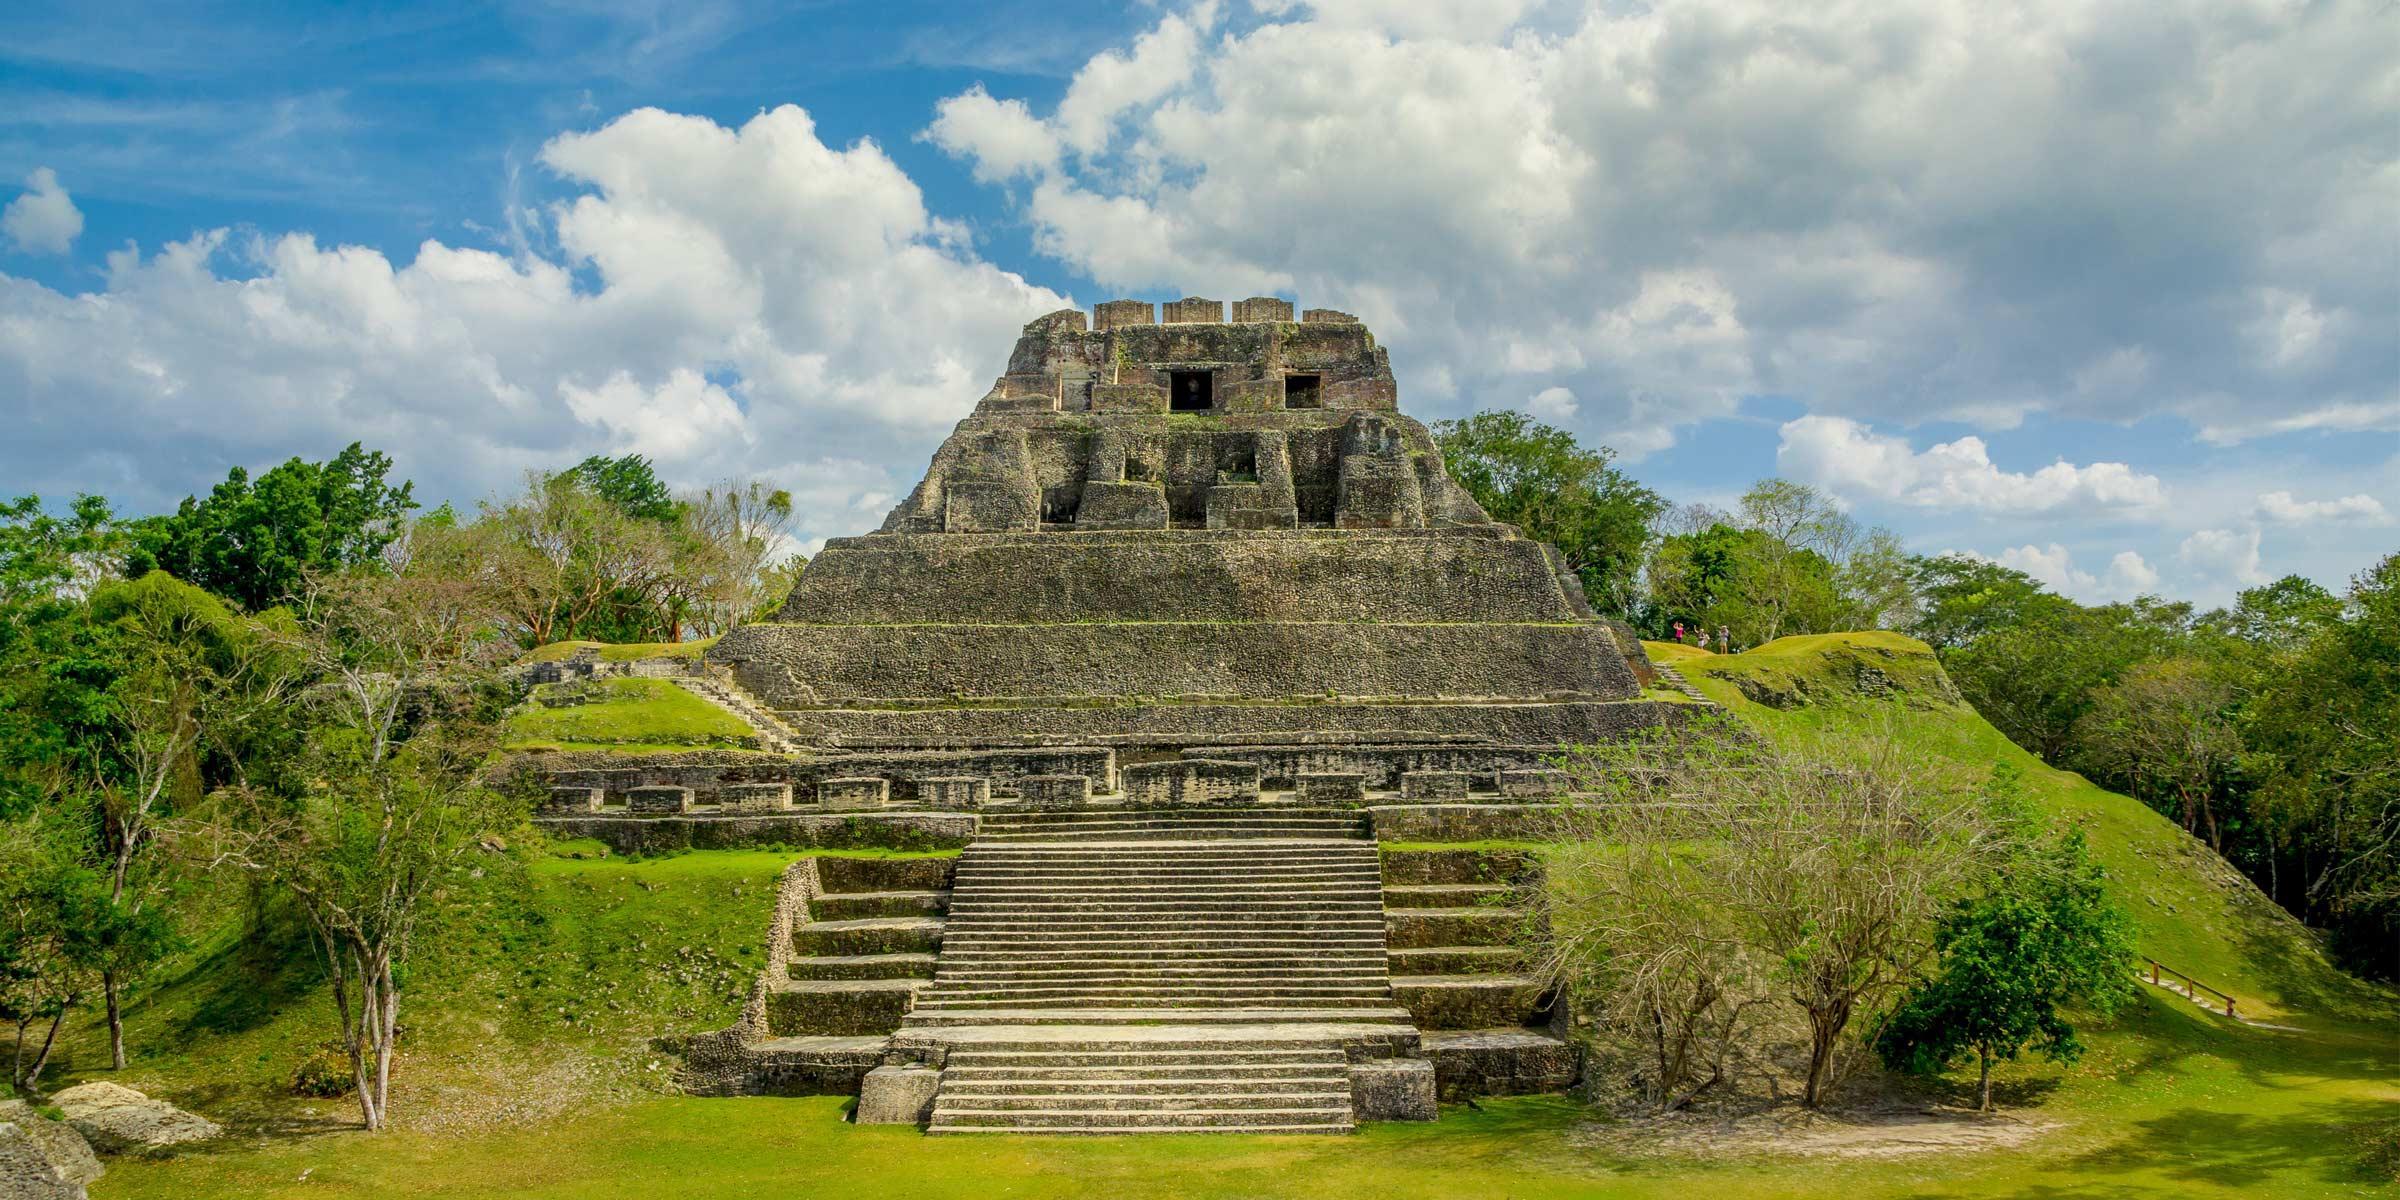 Xunantunich ruins in Belize